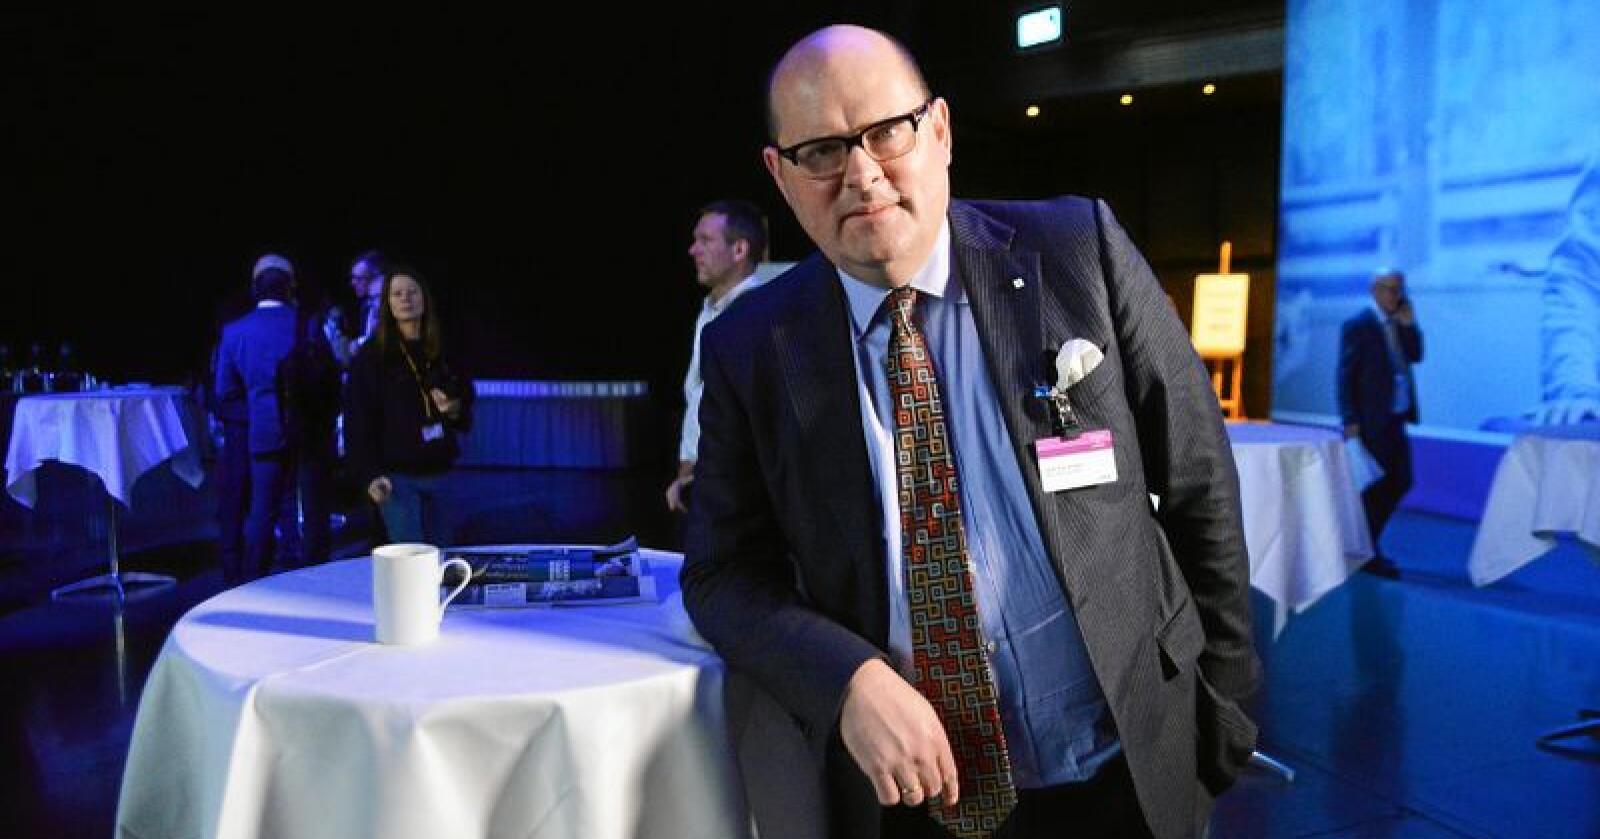 Petter Haas Brubakk i NHO mat og Drikke mener erstatningsordningen for pelsdyroppdretterne i bunn og grunn er et spørsmål om anstendighet. Foto: Siri Juell Rasmussen